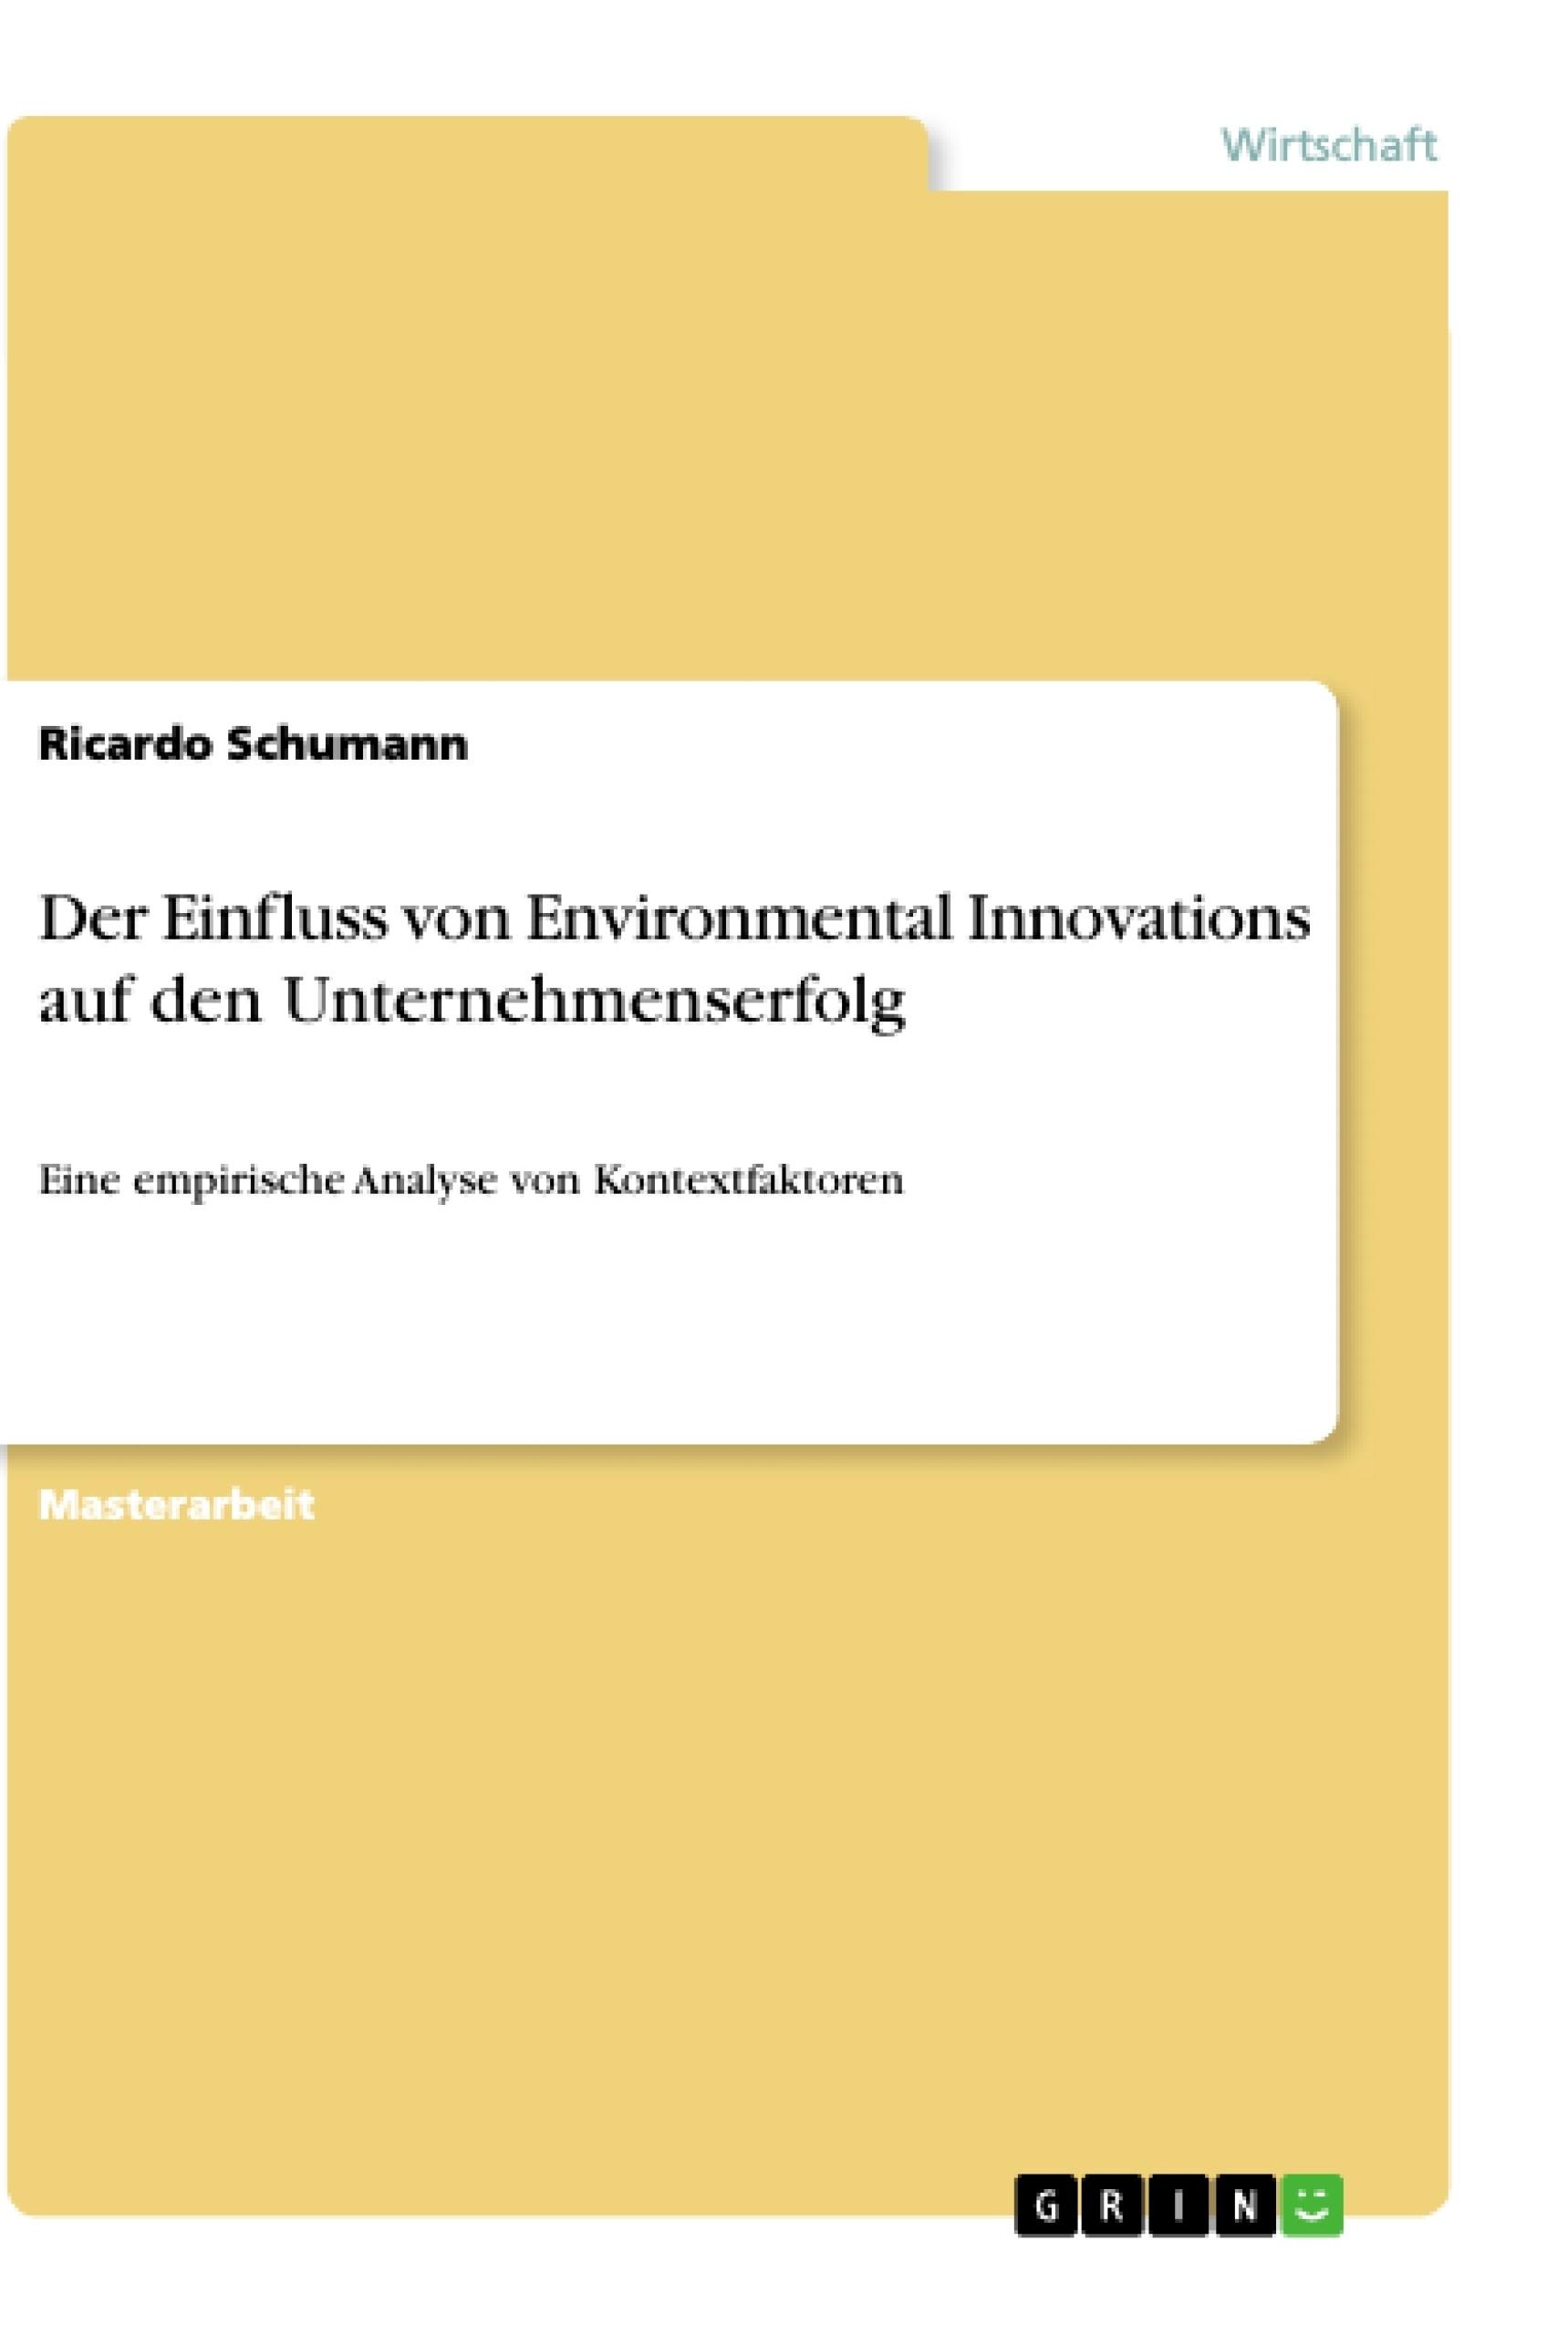 Titel: Der Einfluss von Environmental Innovations auf den Unternehmenserfolg